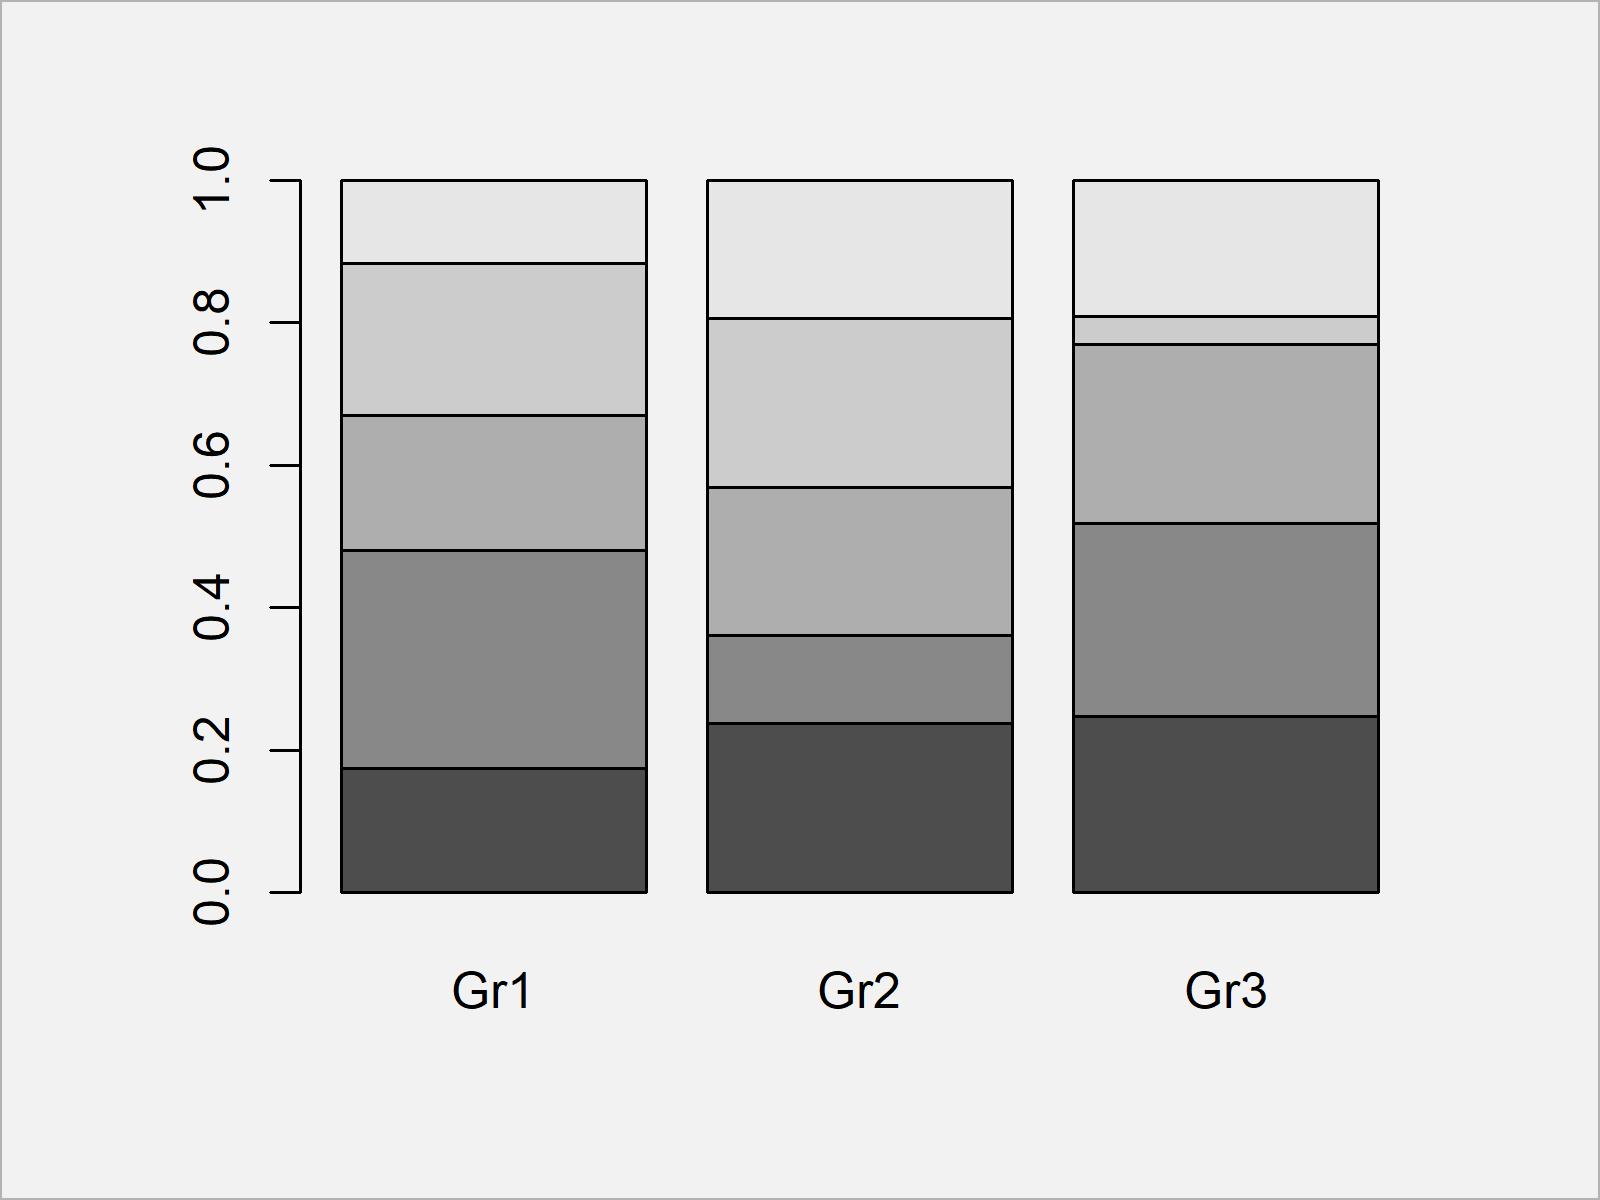 r graph figure 2 scale bars stacked barplot 100 percent r